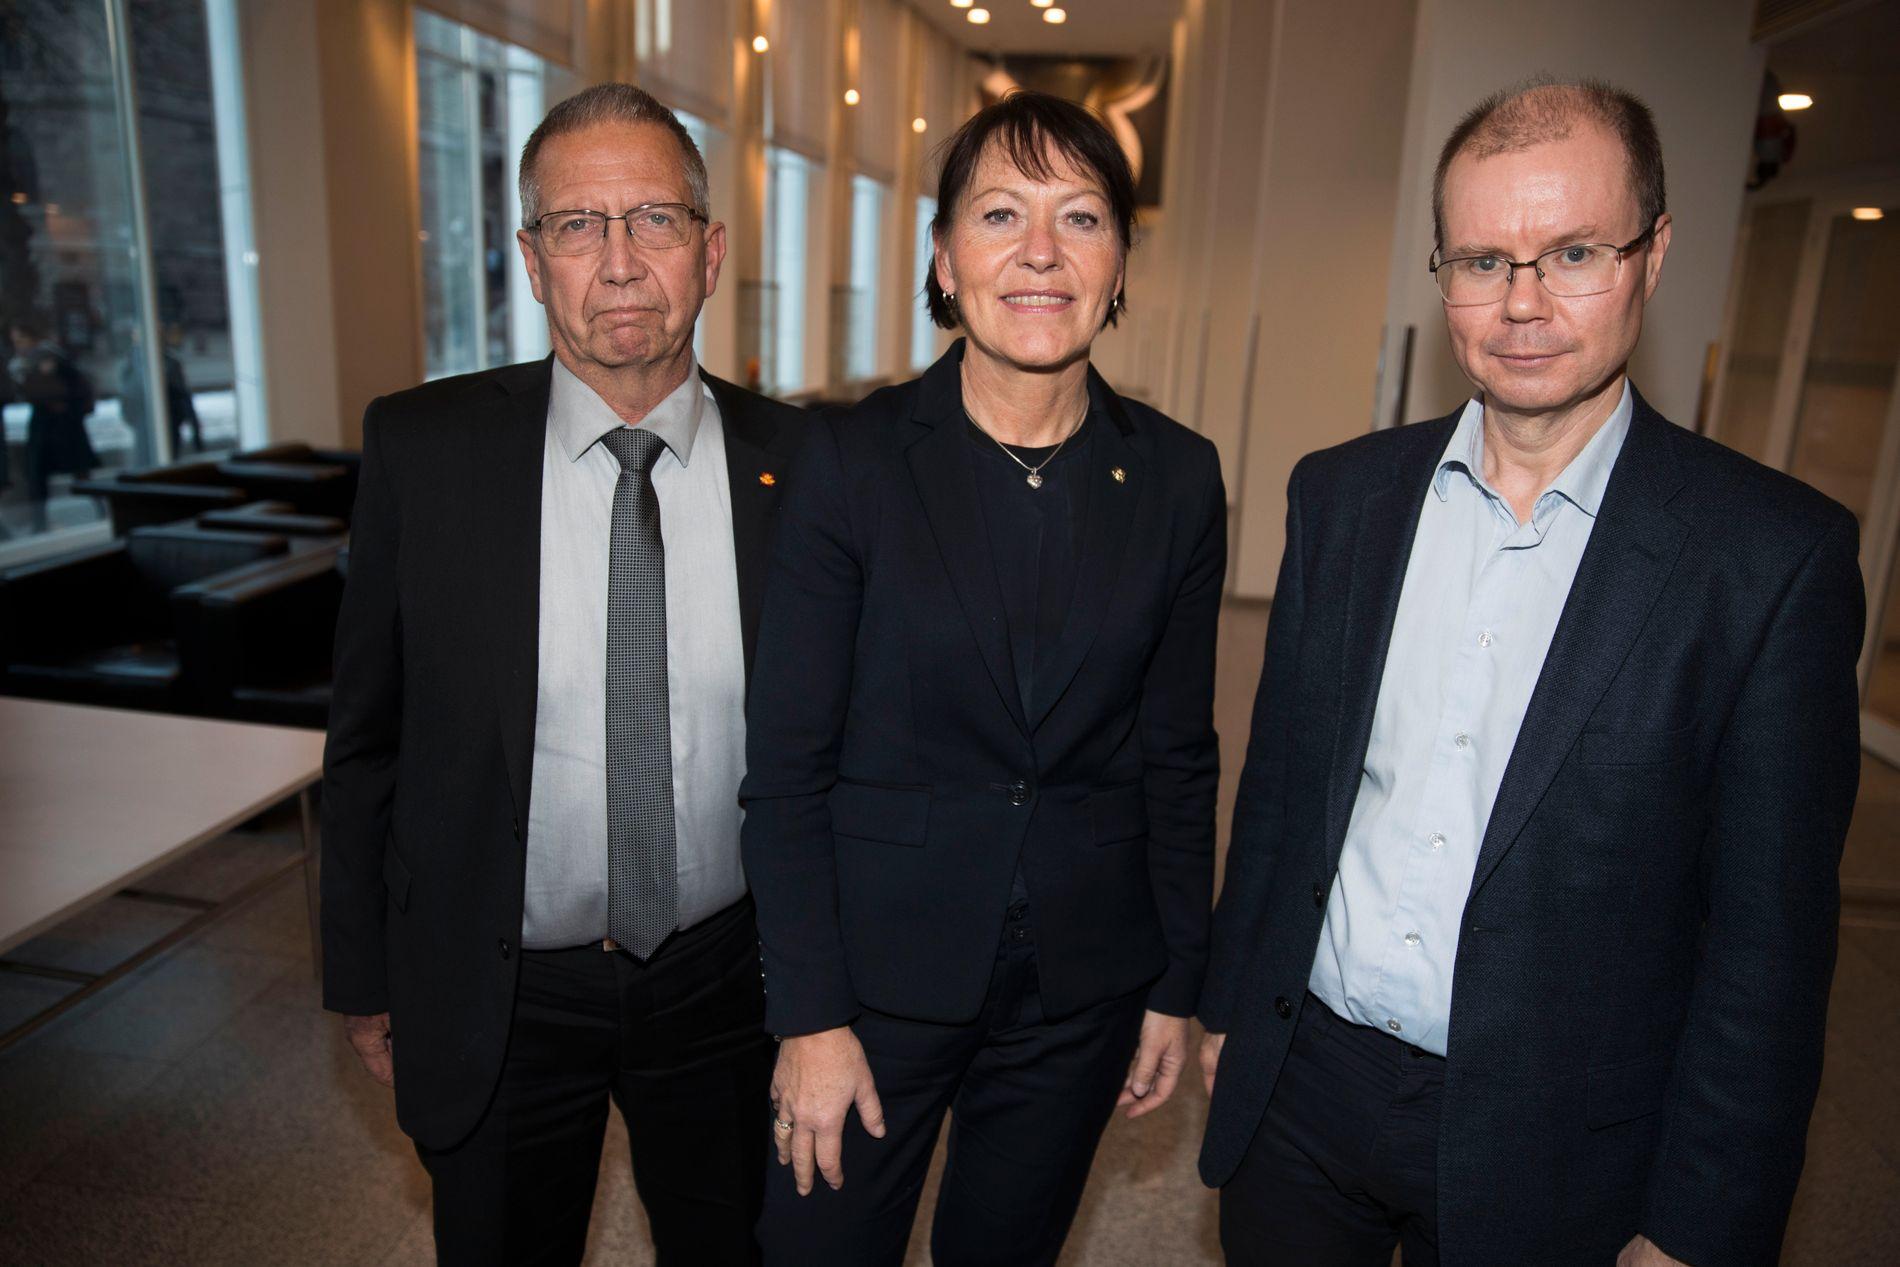 MÅTTE RYDDE: Veidirektør Terje Moe Gustavsen, vegavdelingsdirektør Jane Bordal og seksjonssjef Morten Wright Hansen mener de nå har den nasjonale oversikten som har vært etterlyst.